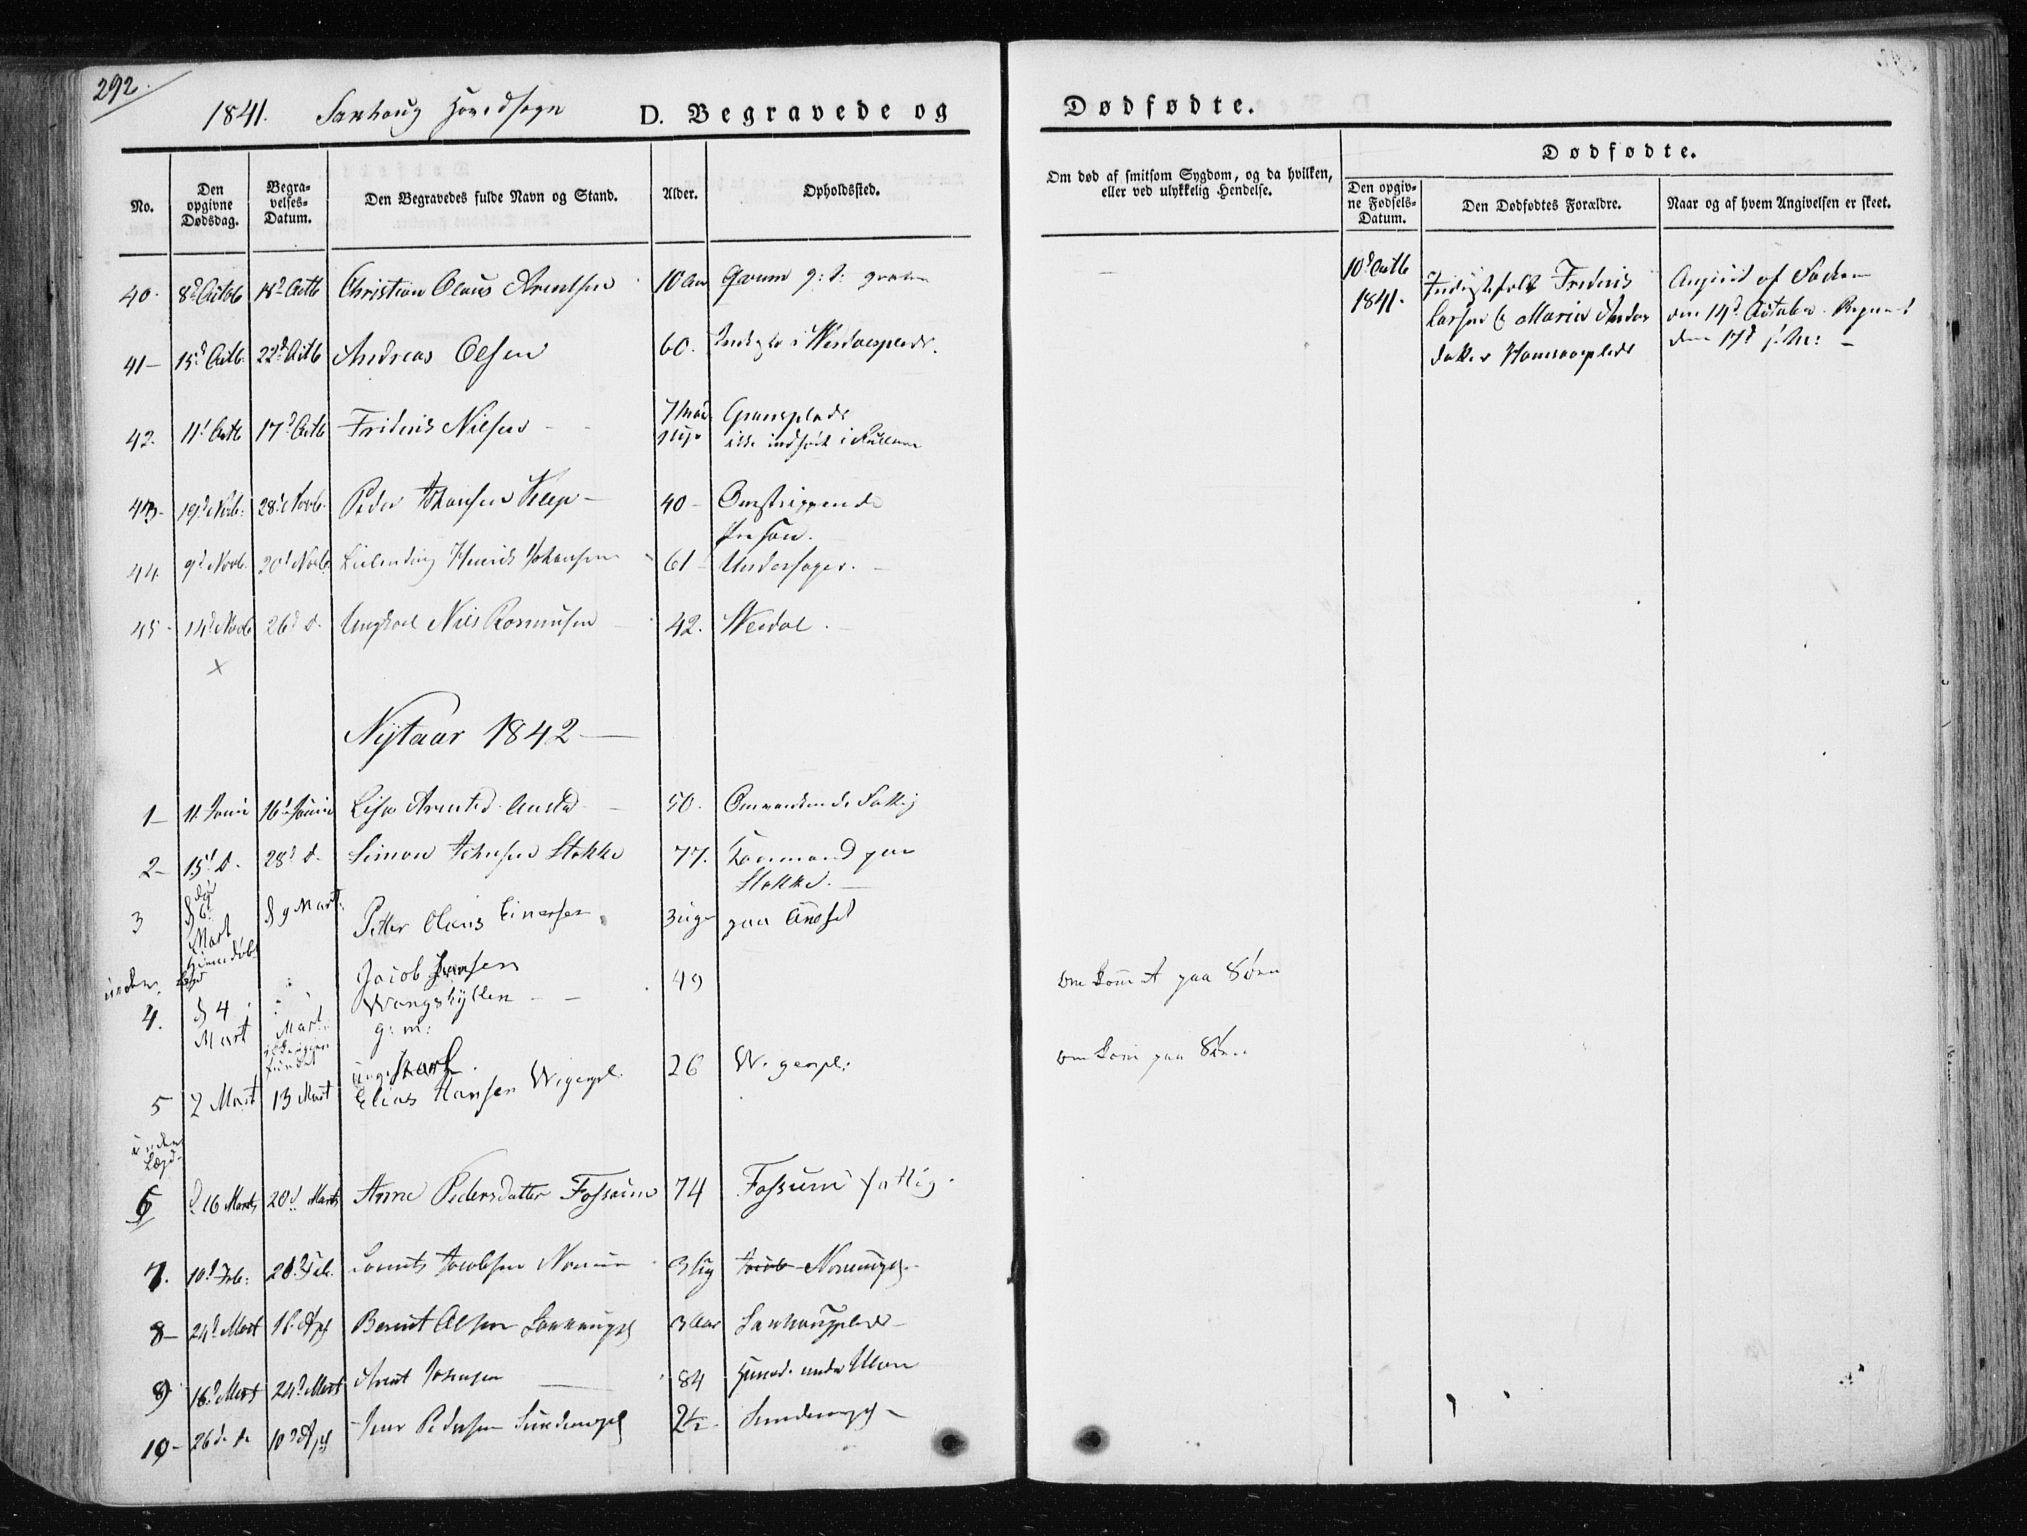 SAT, Ministerialprotokoller, klokkerbøker og fødselsregistre - Nord-Trøndelag, 730/L0280: Ministerialbok nr. 730A07 /1, 1840-1854, s. 292